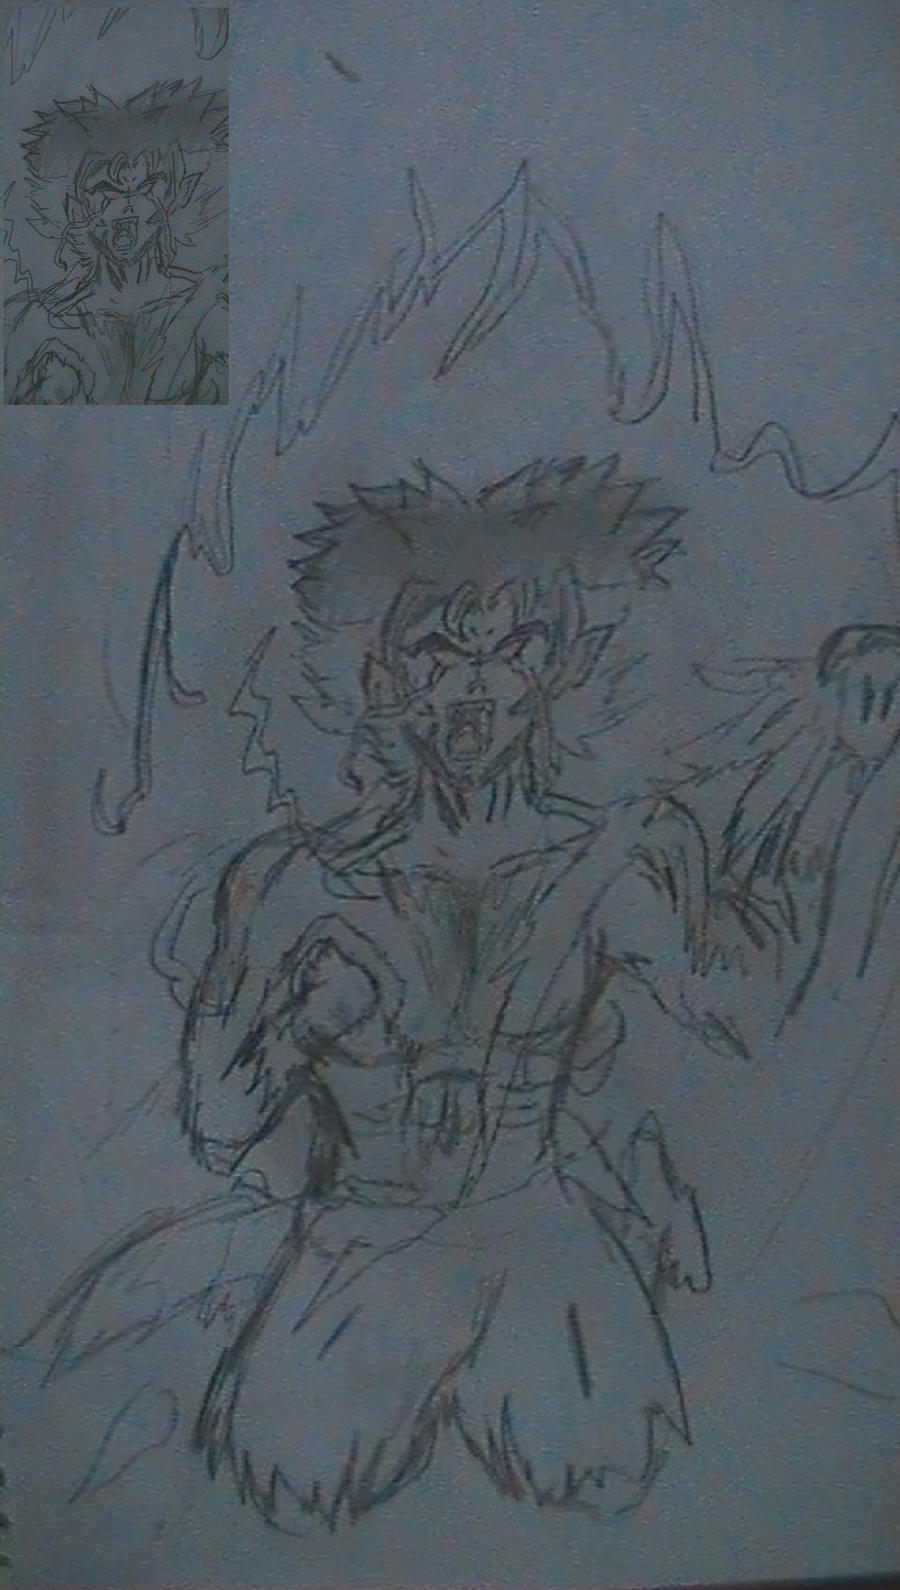 transformation werewolf 2 by dragonmax on deviantART